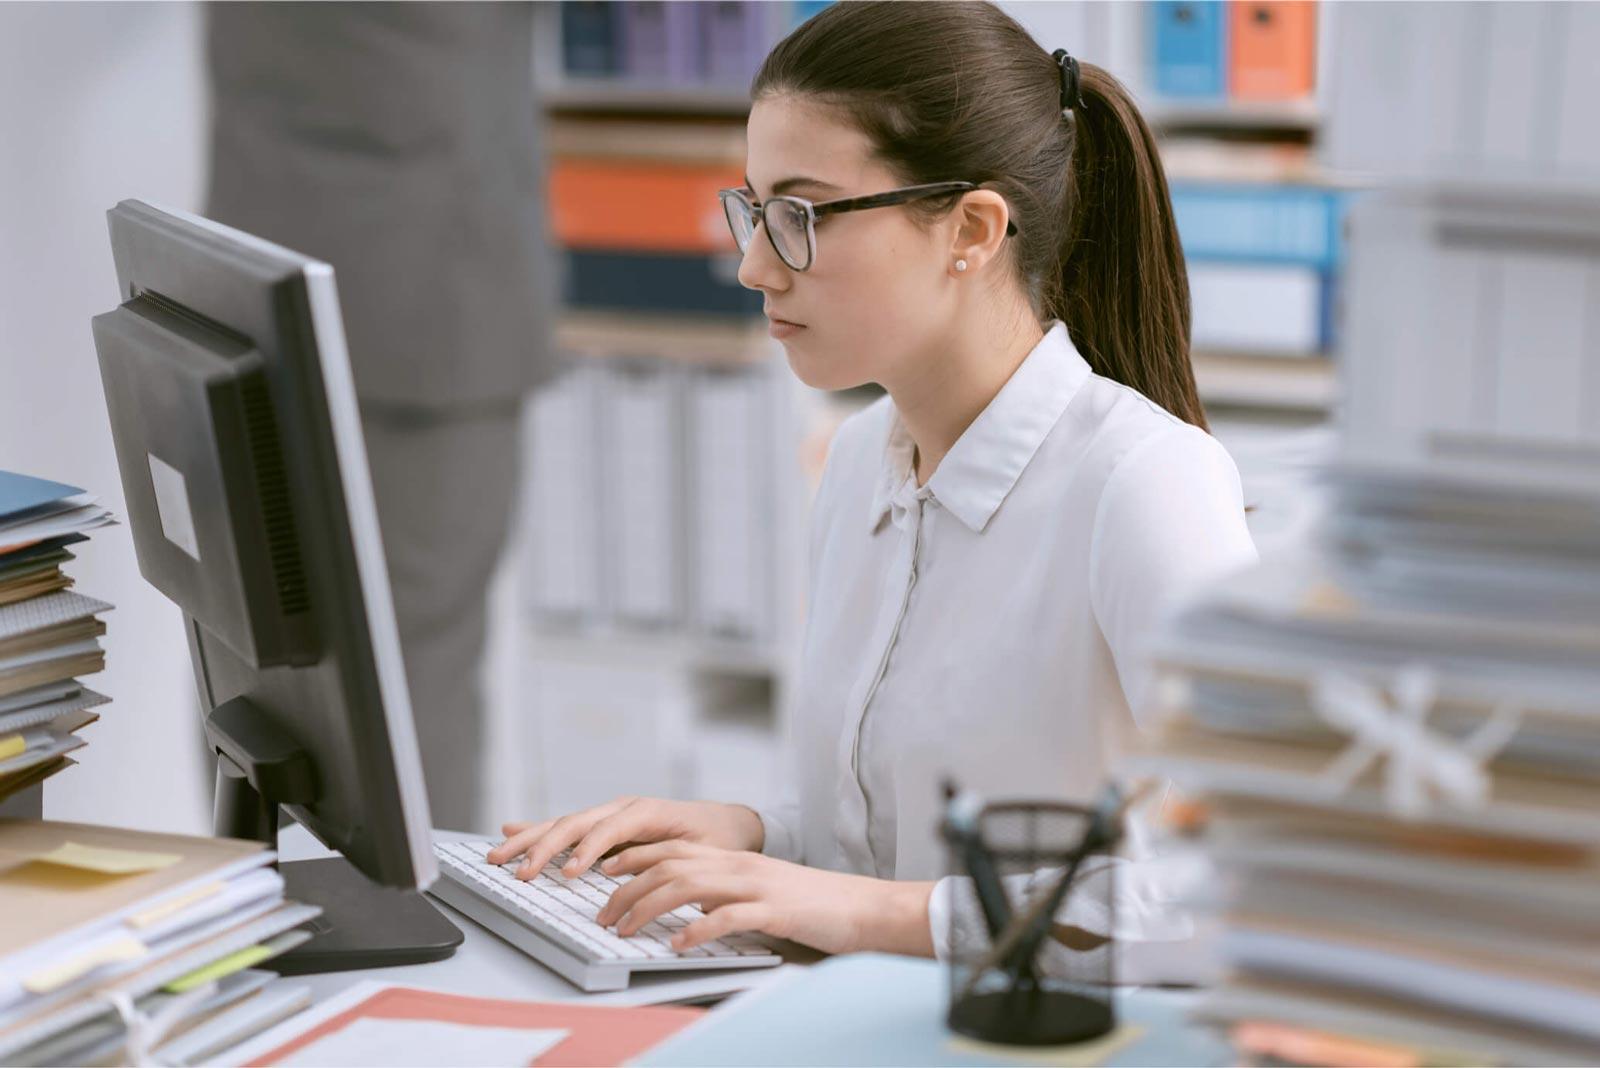 ترغب شركة في تعيين موظف مدخل بيانات مع ضمان و تأمين صحي